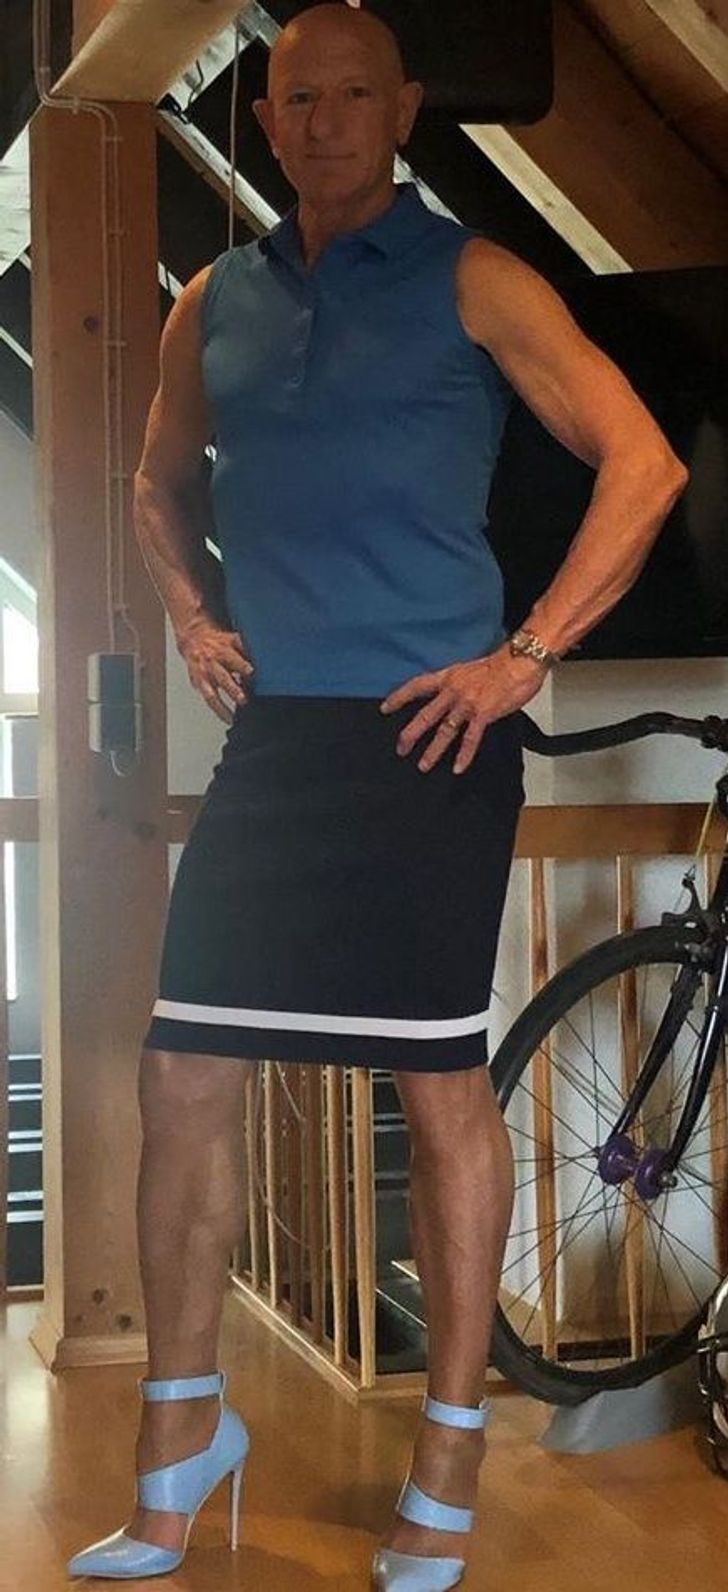 Soy solo un chico heterosexual, felizmente casado, que ama usar tacones altos y faldas como mi atuendo diario